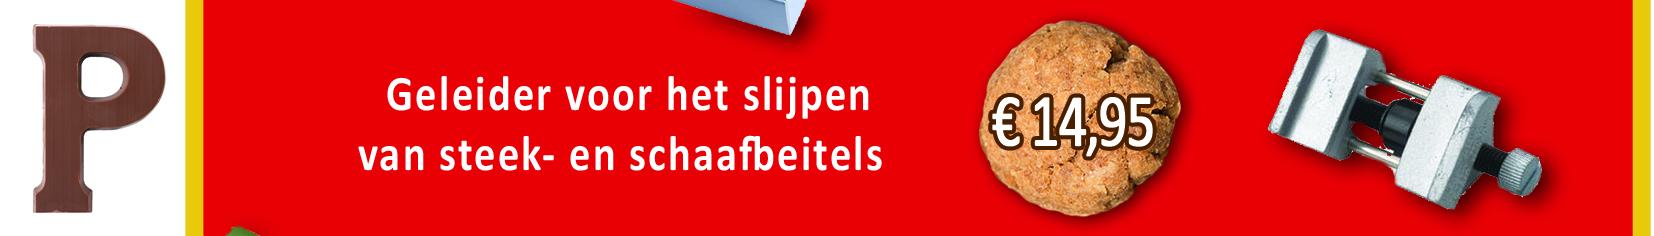 Sinterklaas2015-6